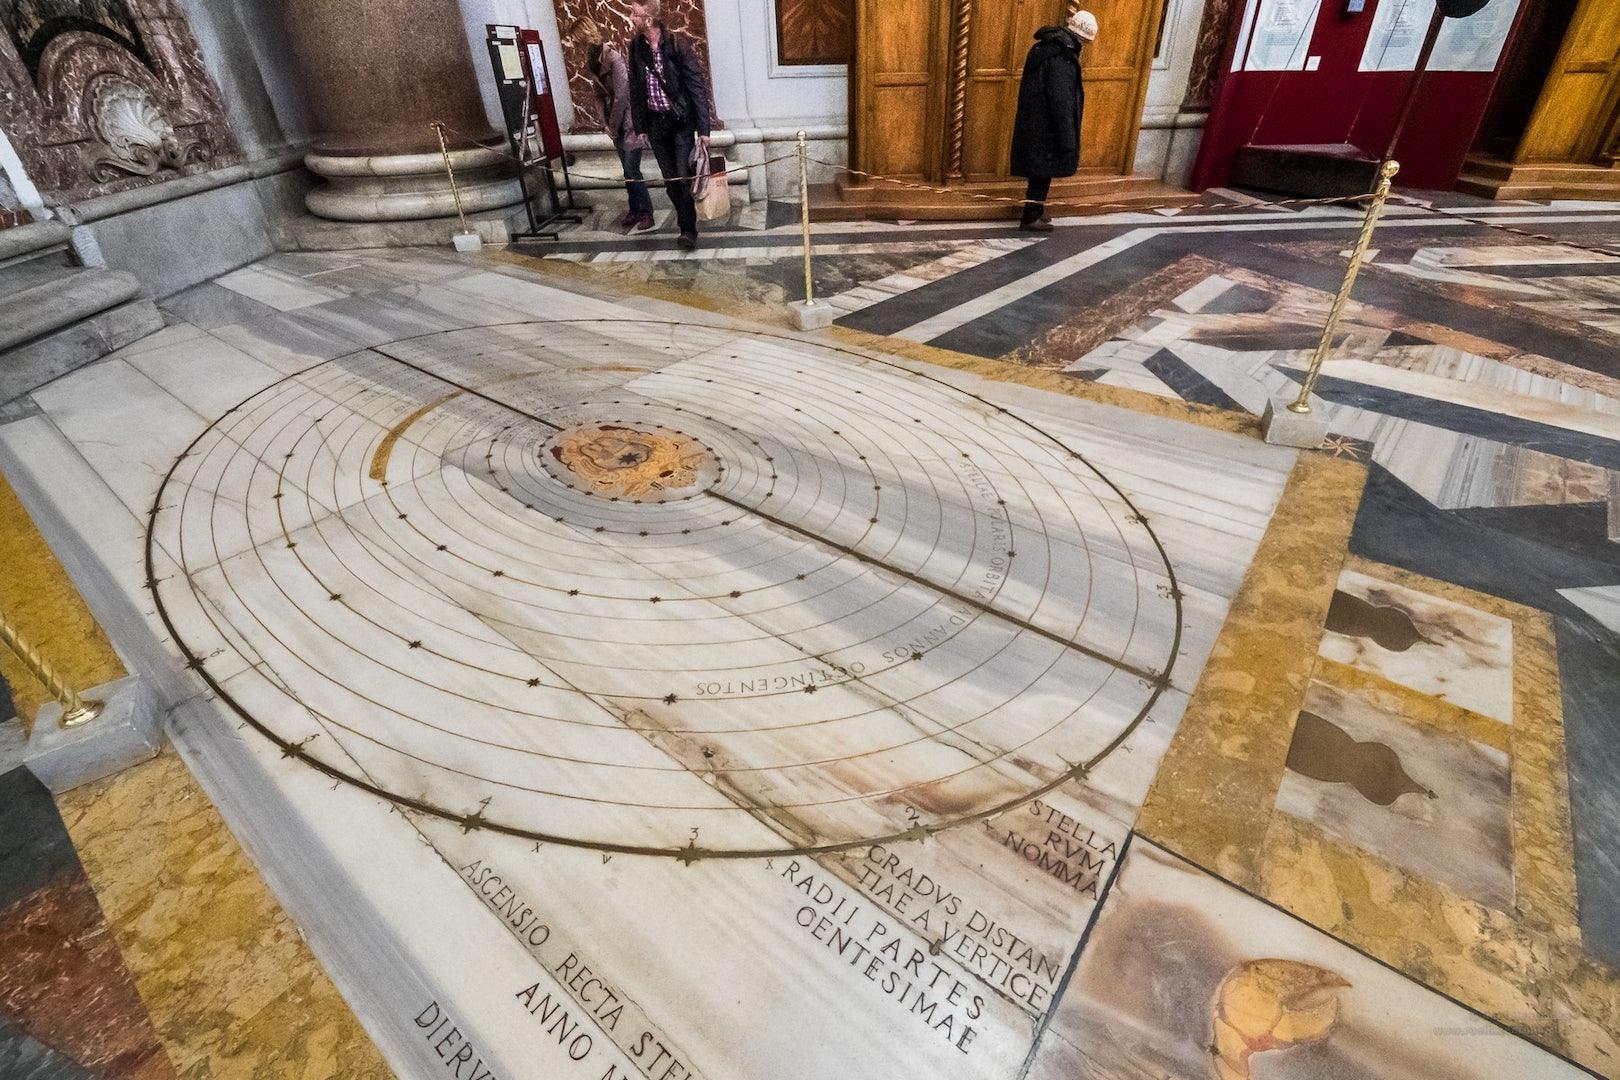 sundial at the Santa Maria degli angeli e dei martiri